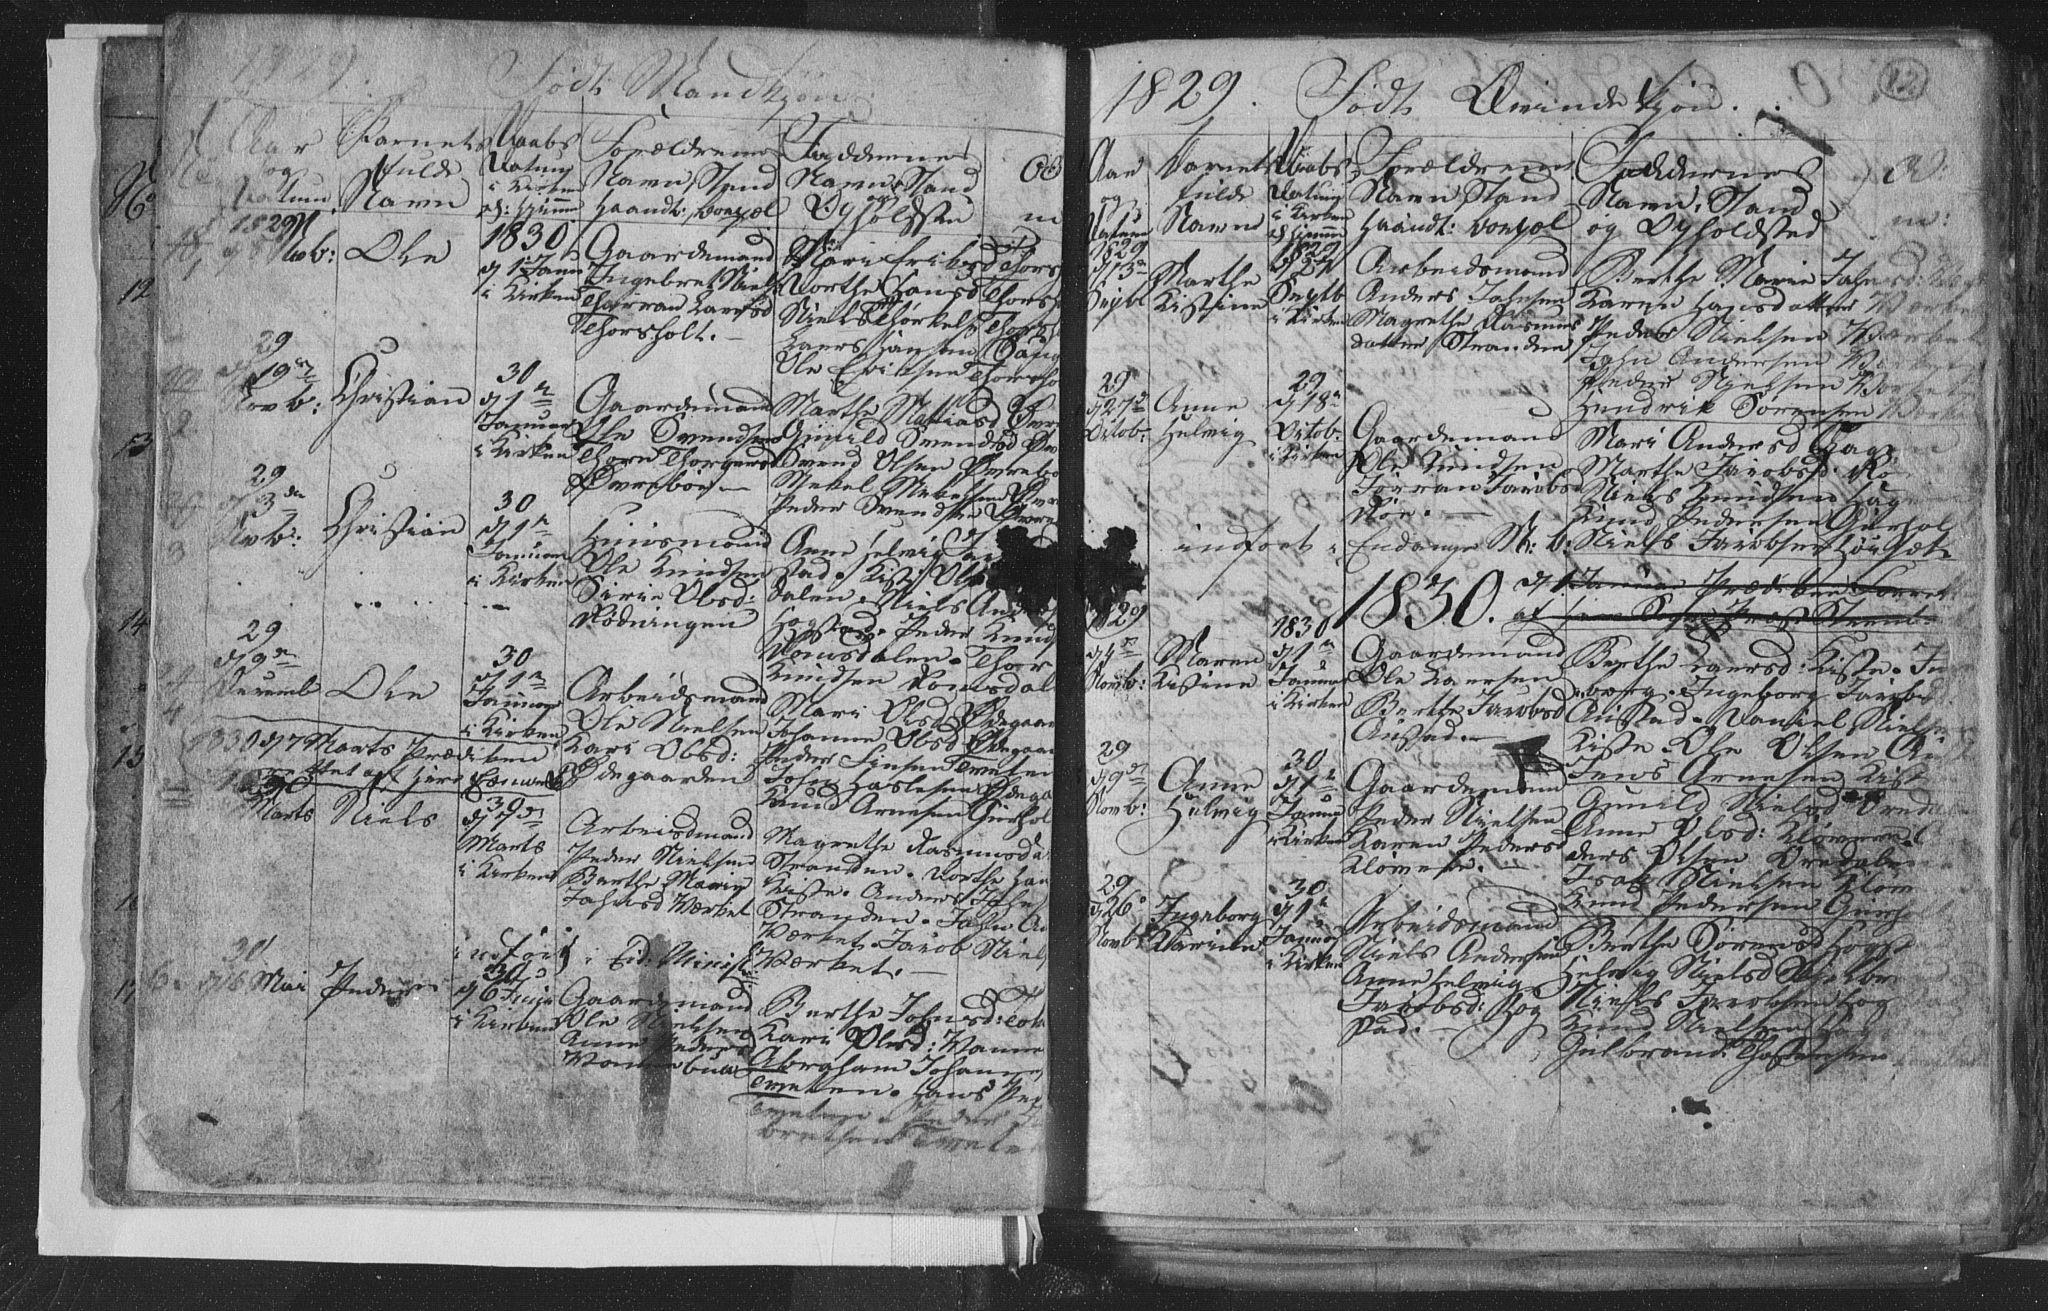 SAKO, Siljan kirkebøker, G/Ga/L0001: Klokkerbok nr. 1, 1827-1847, s. 12